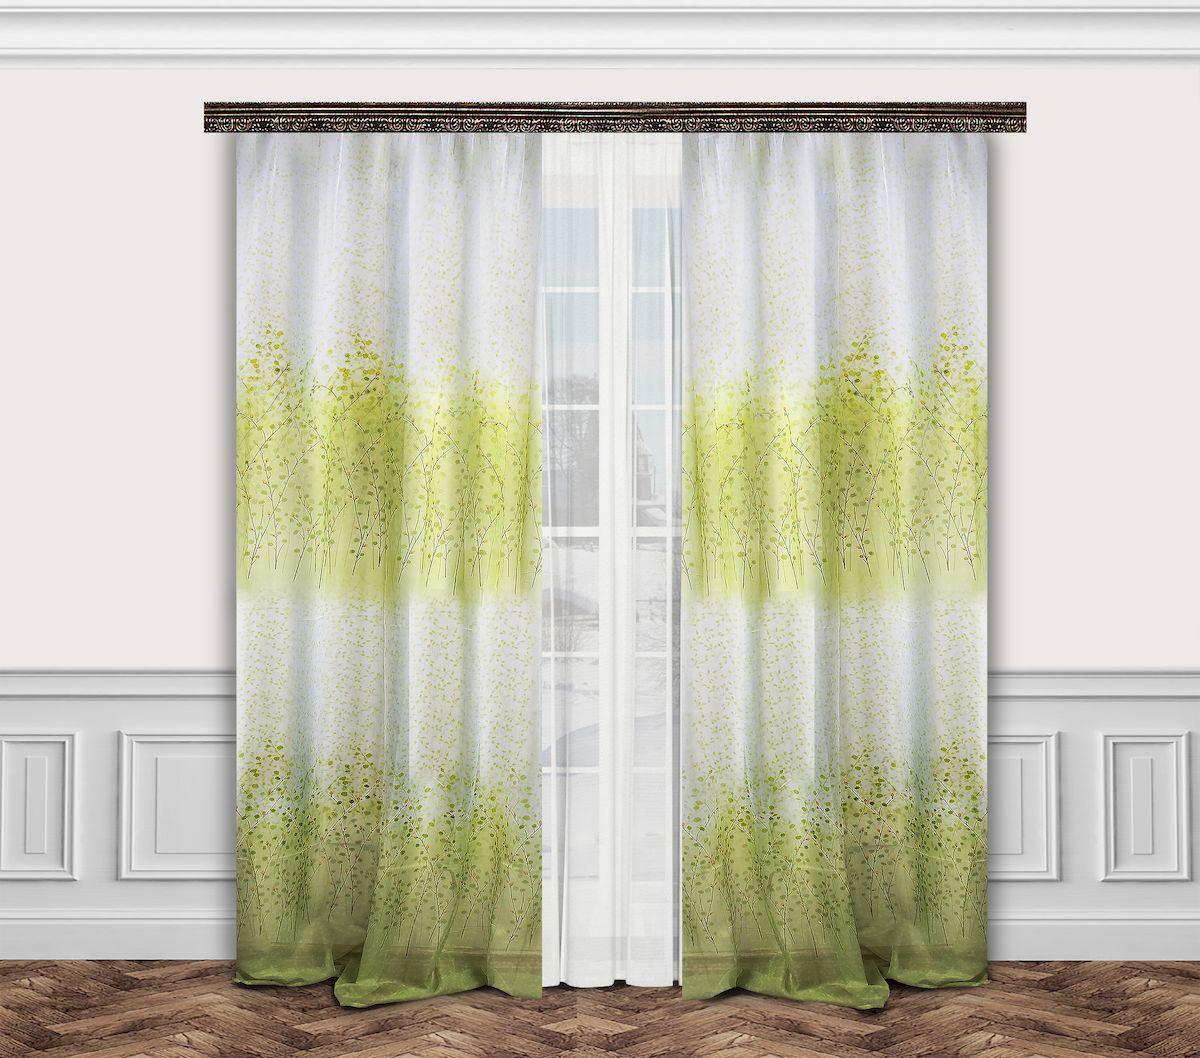 Комплект штор Zlata Korunka, на ленте, цвет: белый, салатовый, высота 260 см. 777003333320Комплект штор Zlata Korunka, выполненный из полиэстера, великолепно украсит любое окно. Комплект состоит из тюля, двух штор и двух подхватов. Оригинальный рисунок и приятная цветовая гамма привлекут к себе внимание и органично впишутся в интерьер помещения. Этот комплект будет долгое время радовать вас и вашу семью!Комплект крепится на карниз при помощи ленты, которая поможет красиво и равномерно задрапировать верх.В комплект входит: Тюль: 1 шт. Размер (Ш х В): 350 см х 260 см. Штора: 2 шт. Размер (Ш х В): 160 см х 260 см.Подхват: 2 шт.